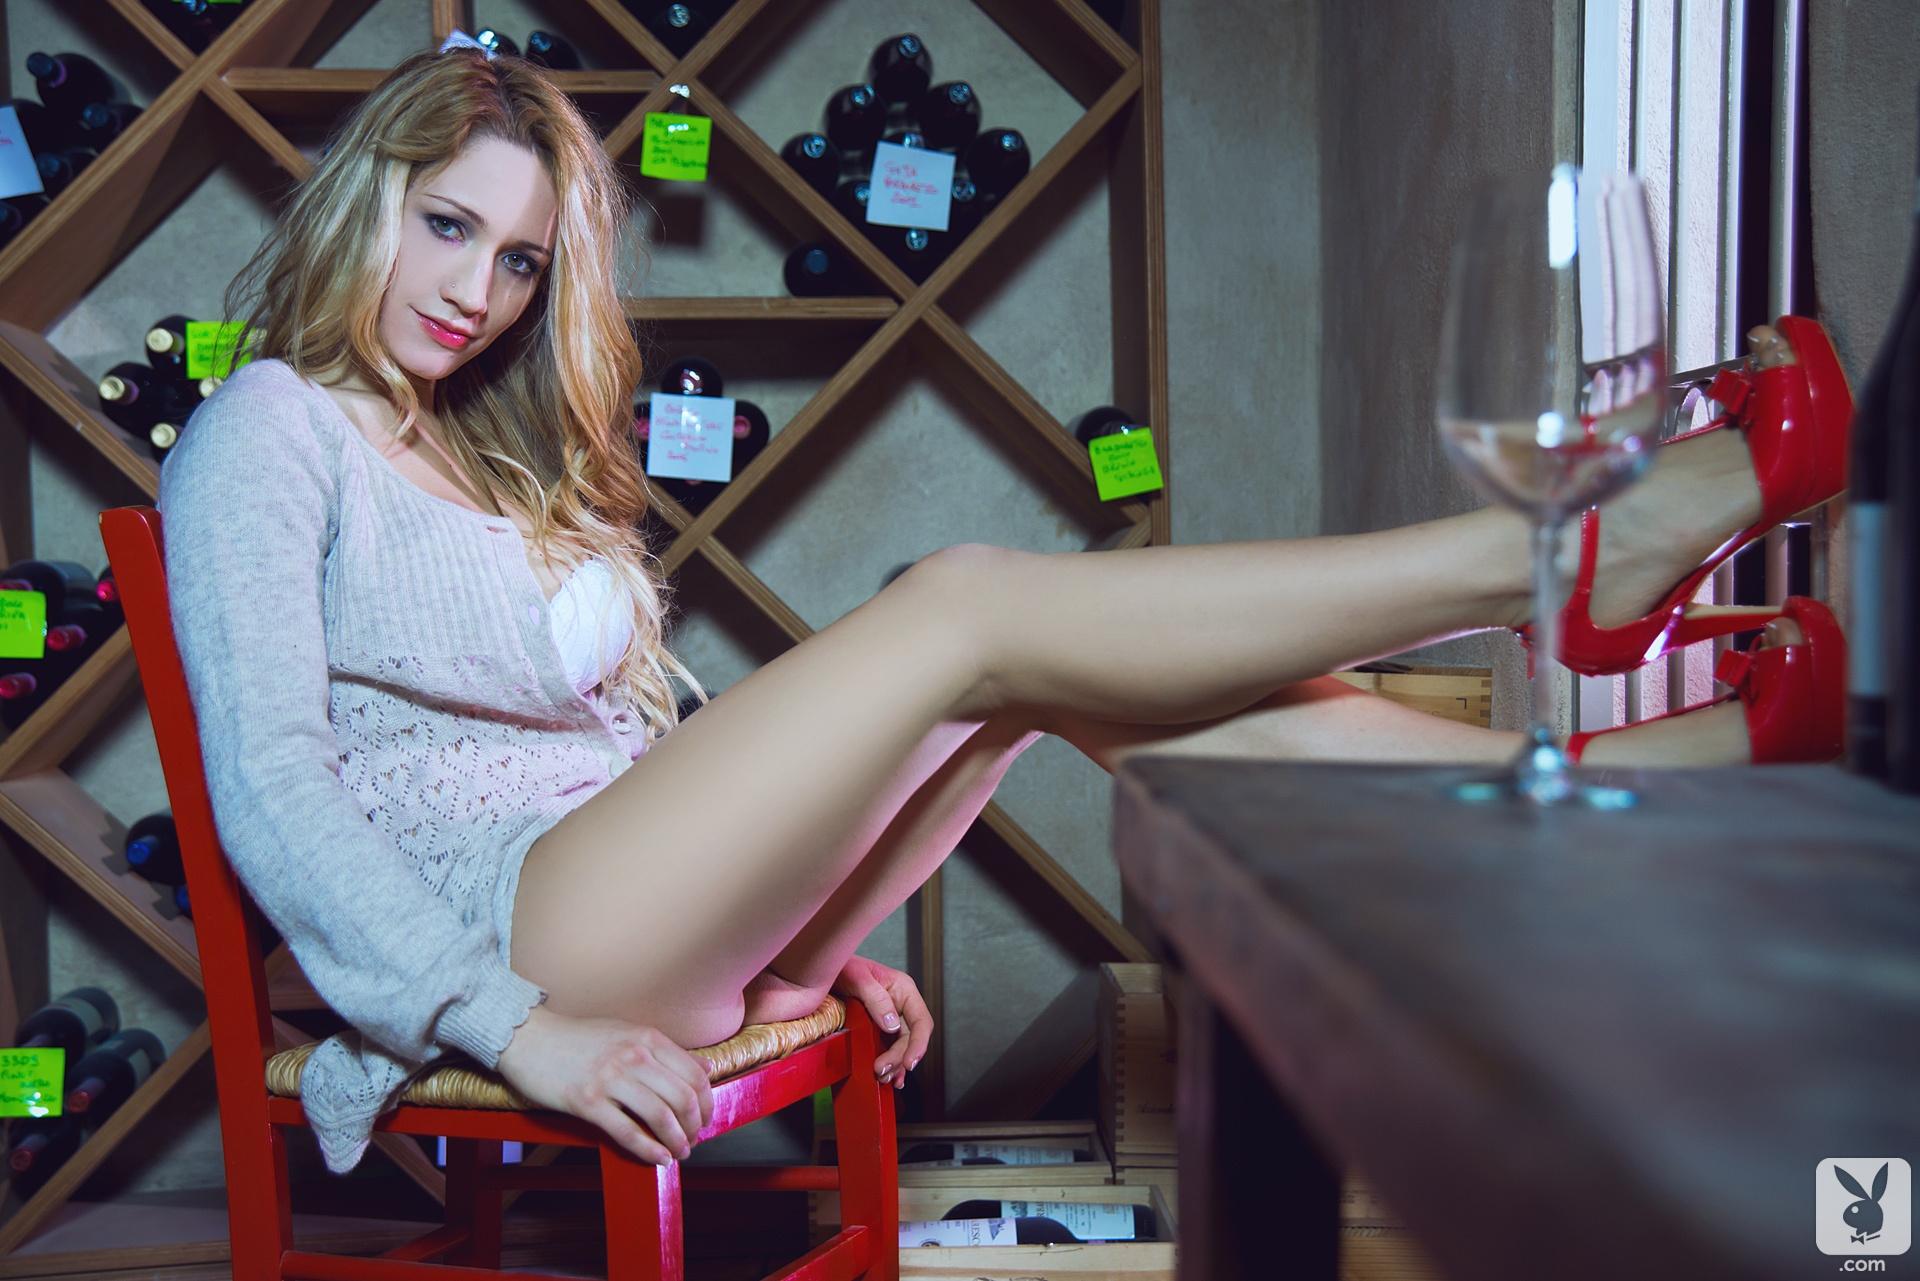 giulia-borio-wine-cellar-playboy-02